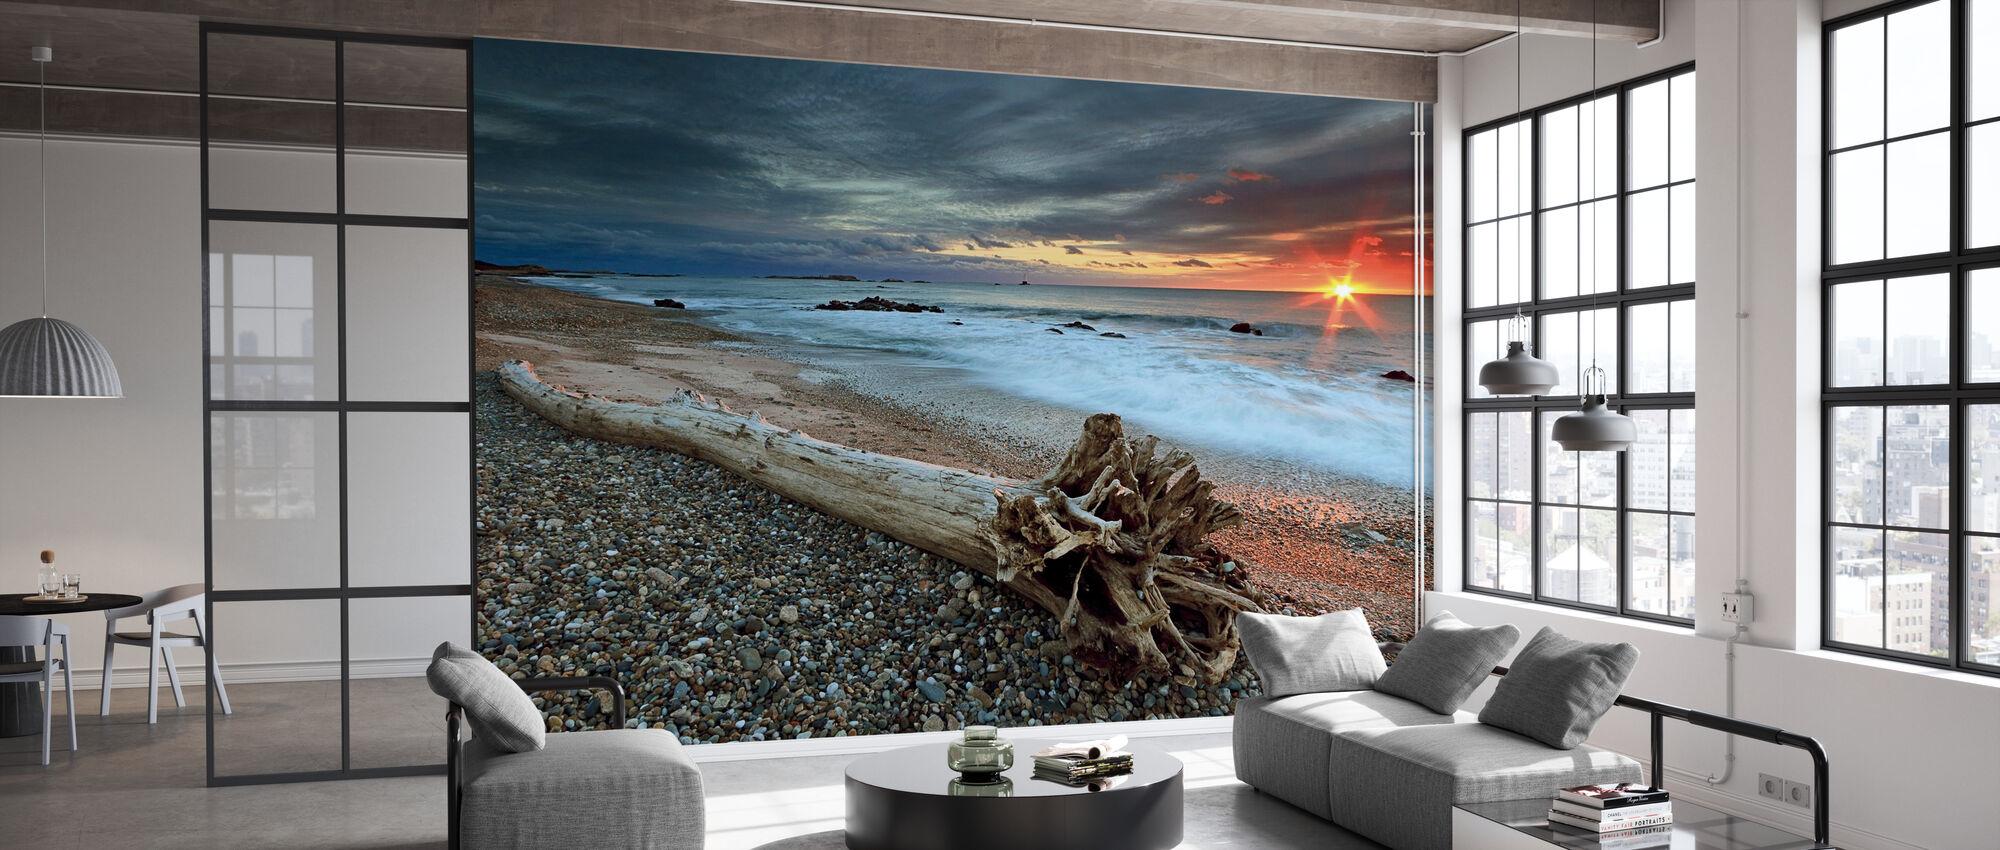 Sakonnet Driftwood - Wallpaper - Office